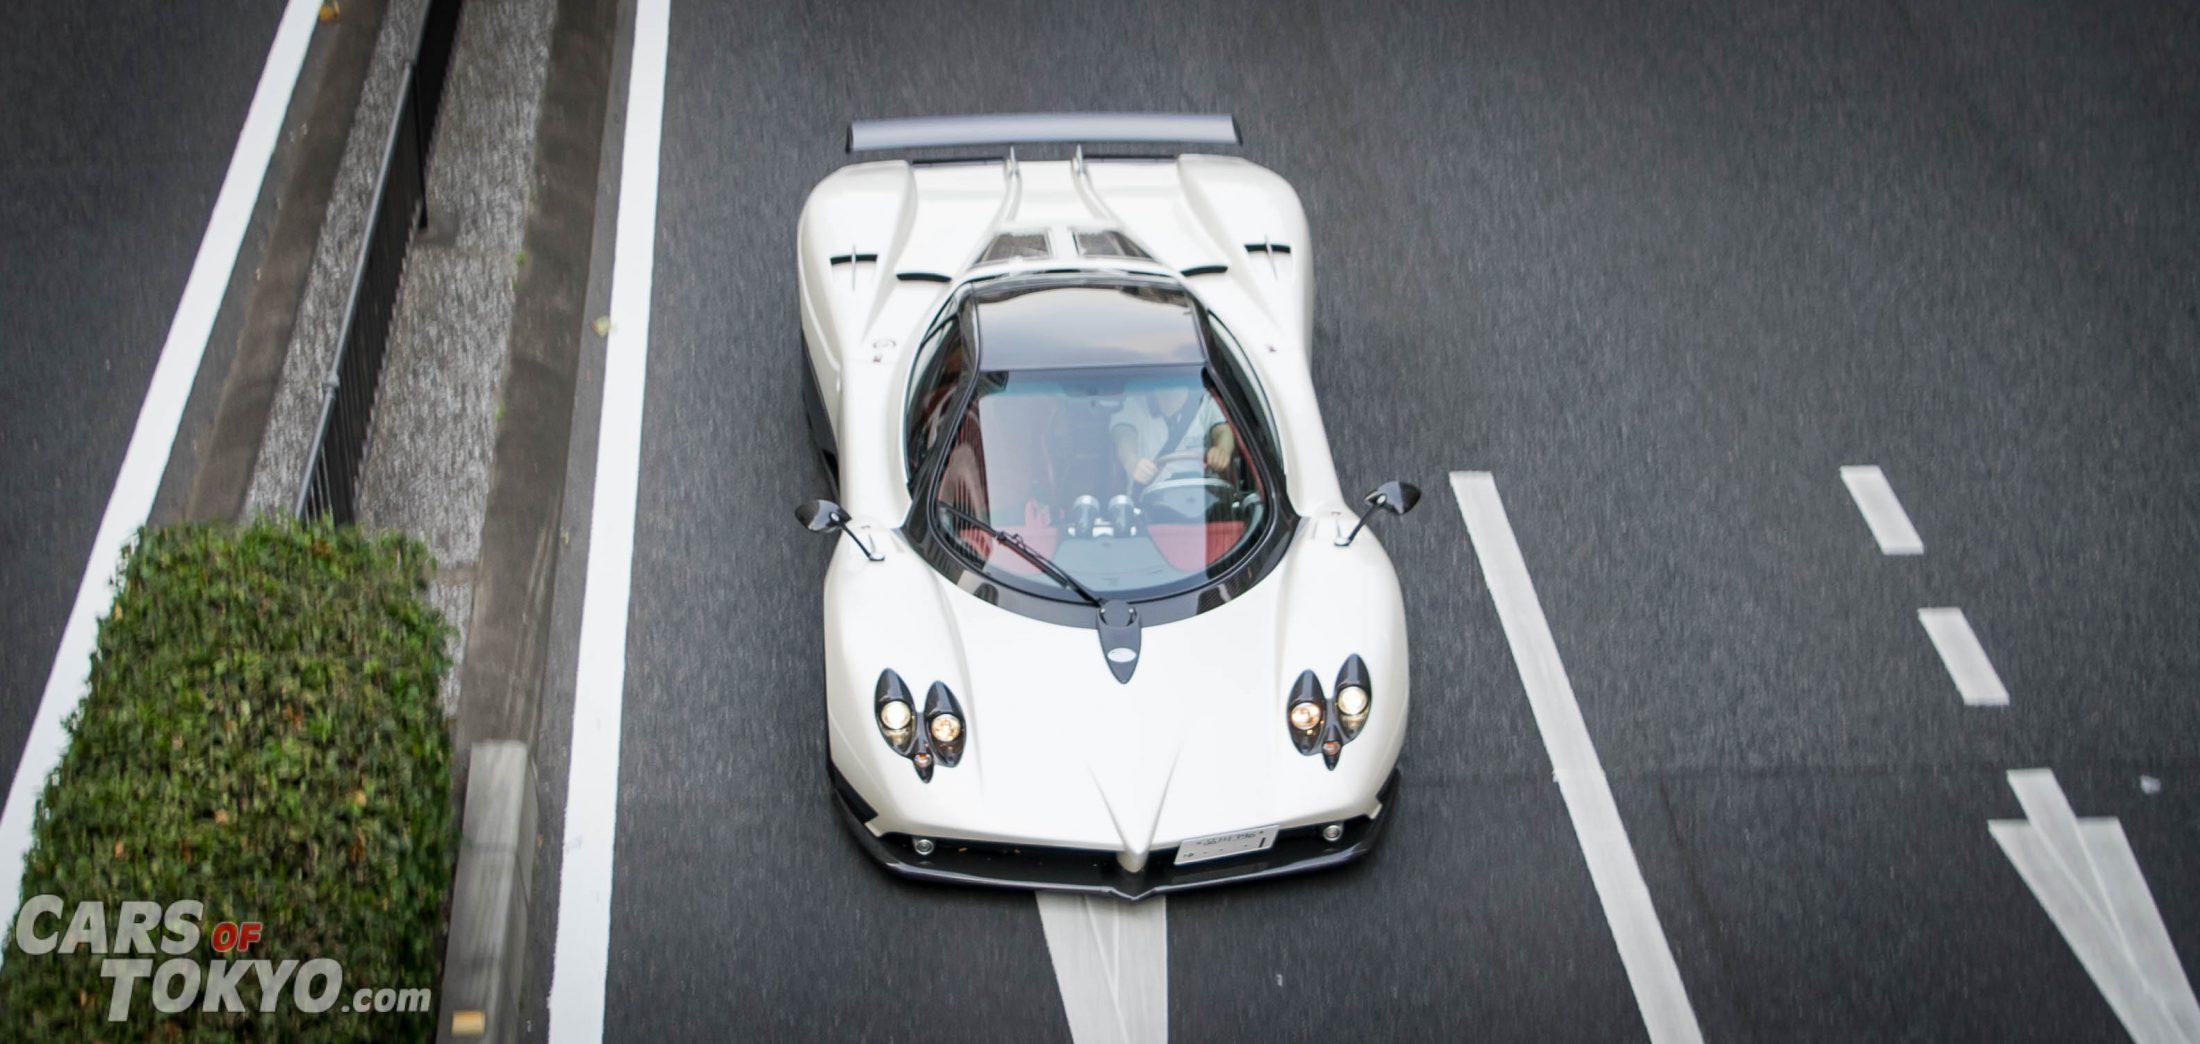 cars-of-tokyo-hypercars-pagani-zonda